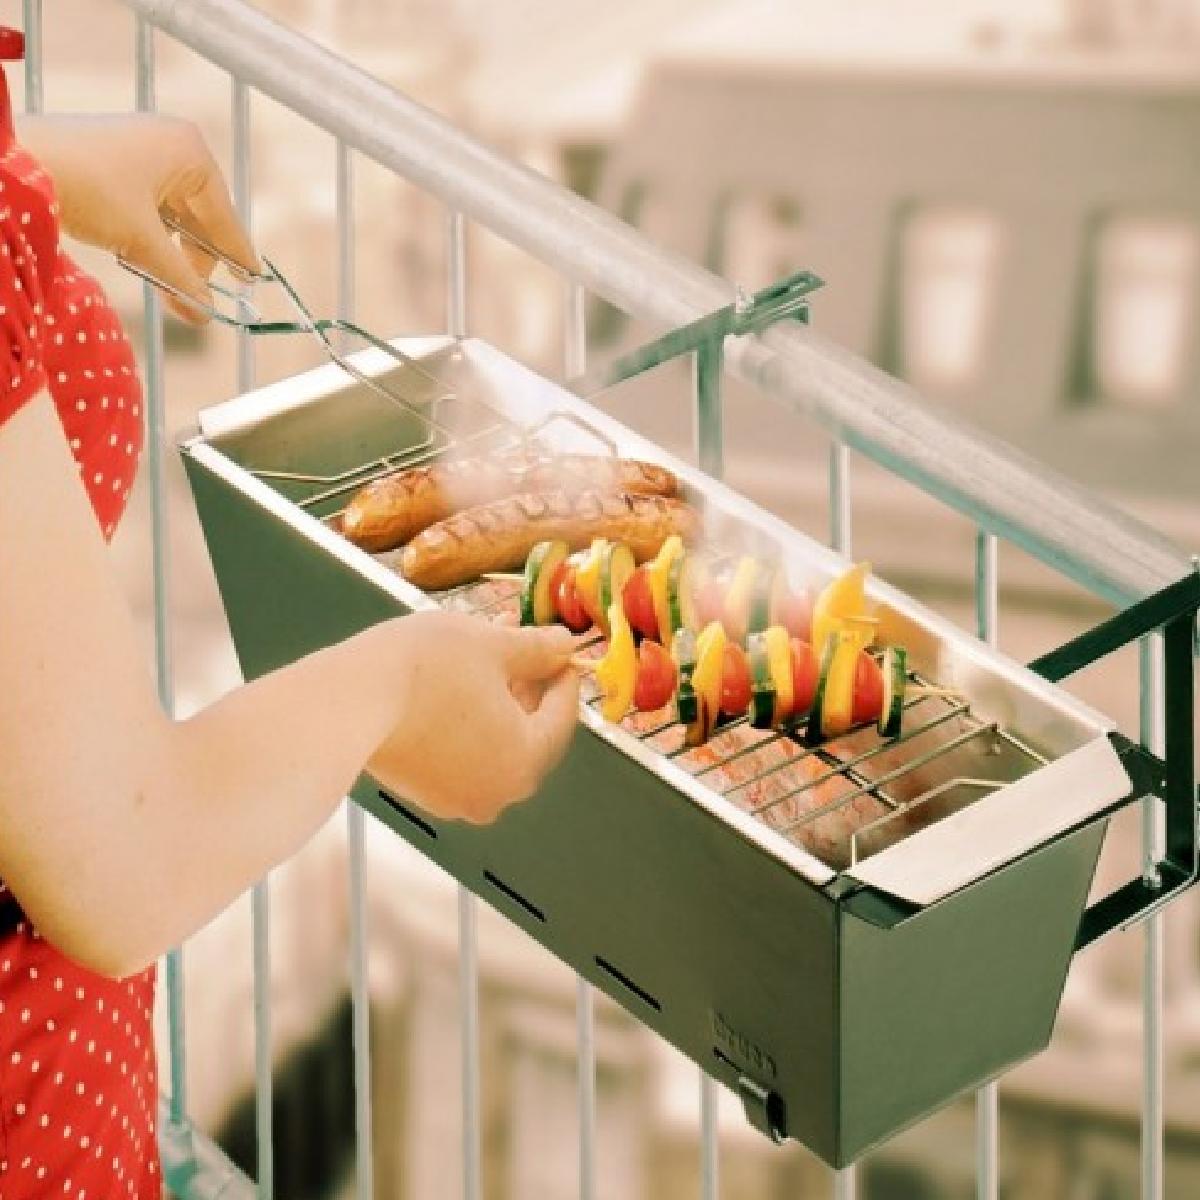 Grillade avec le barbecue de balcon